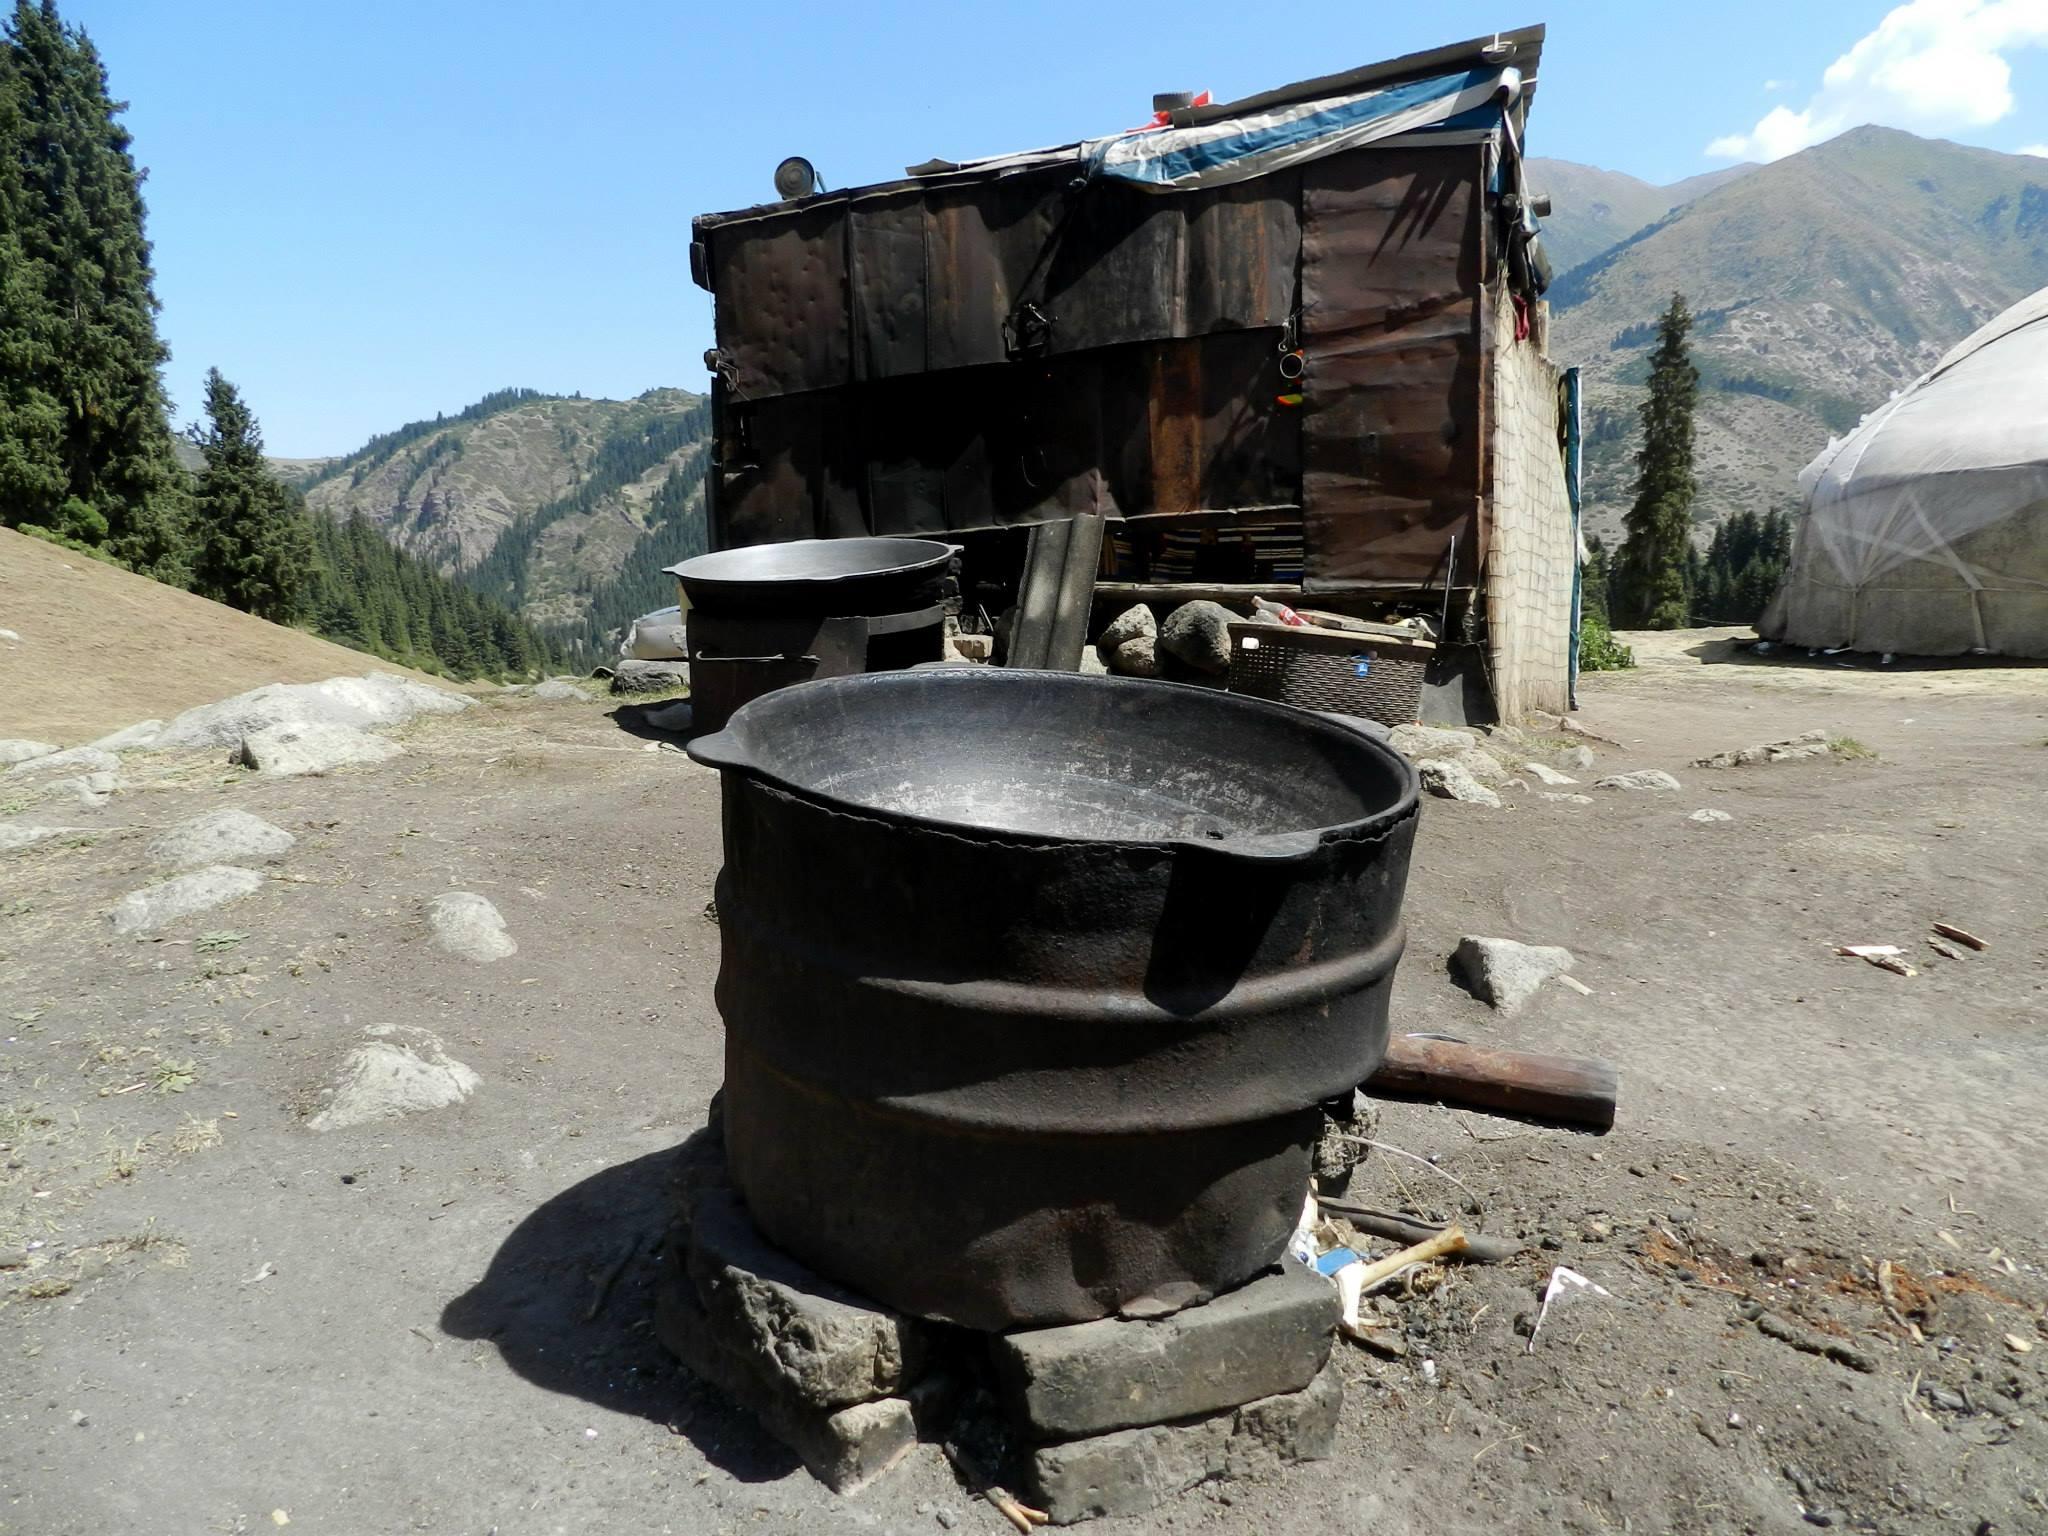 казан для плова. джалал-абад. ферганская долина. предгорье тянь-шаня. путешествия кати. киргизия